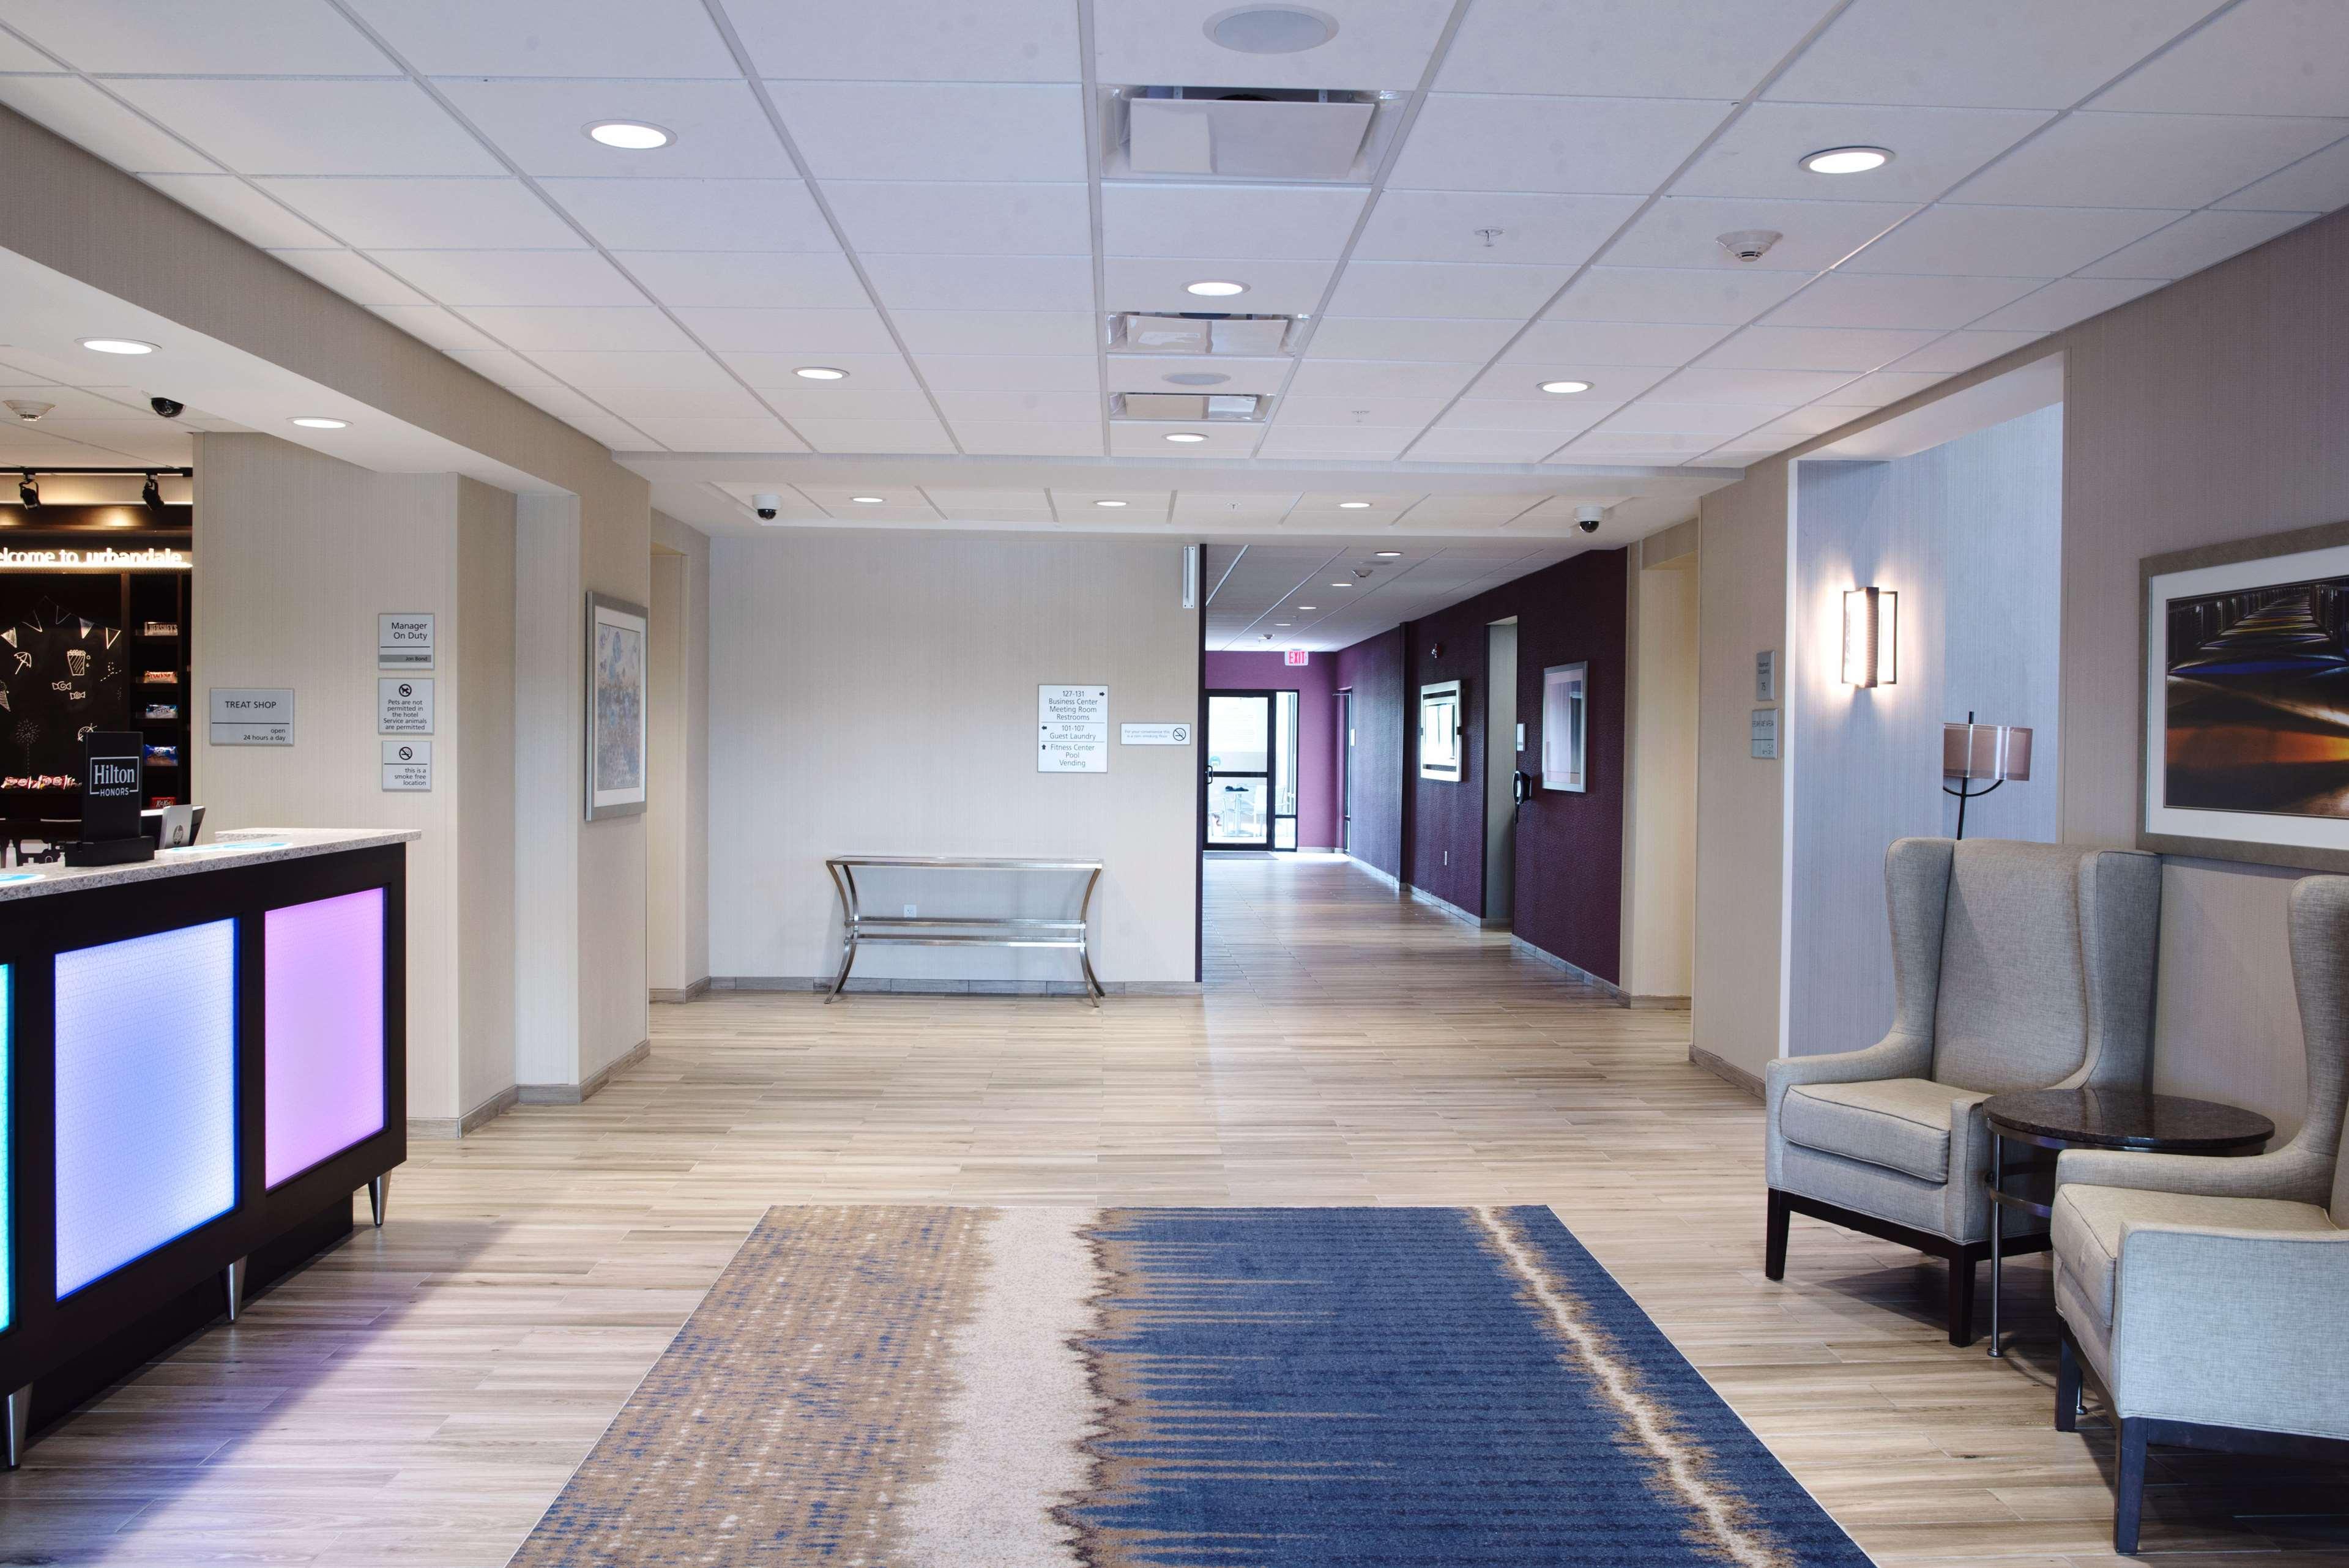 Hampton Inn & Suites Des Moines/Urbandale image 3